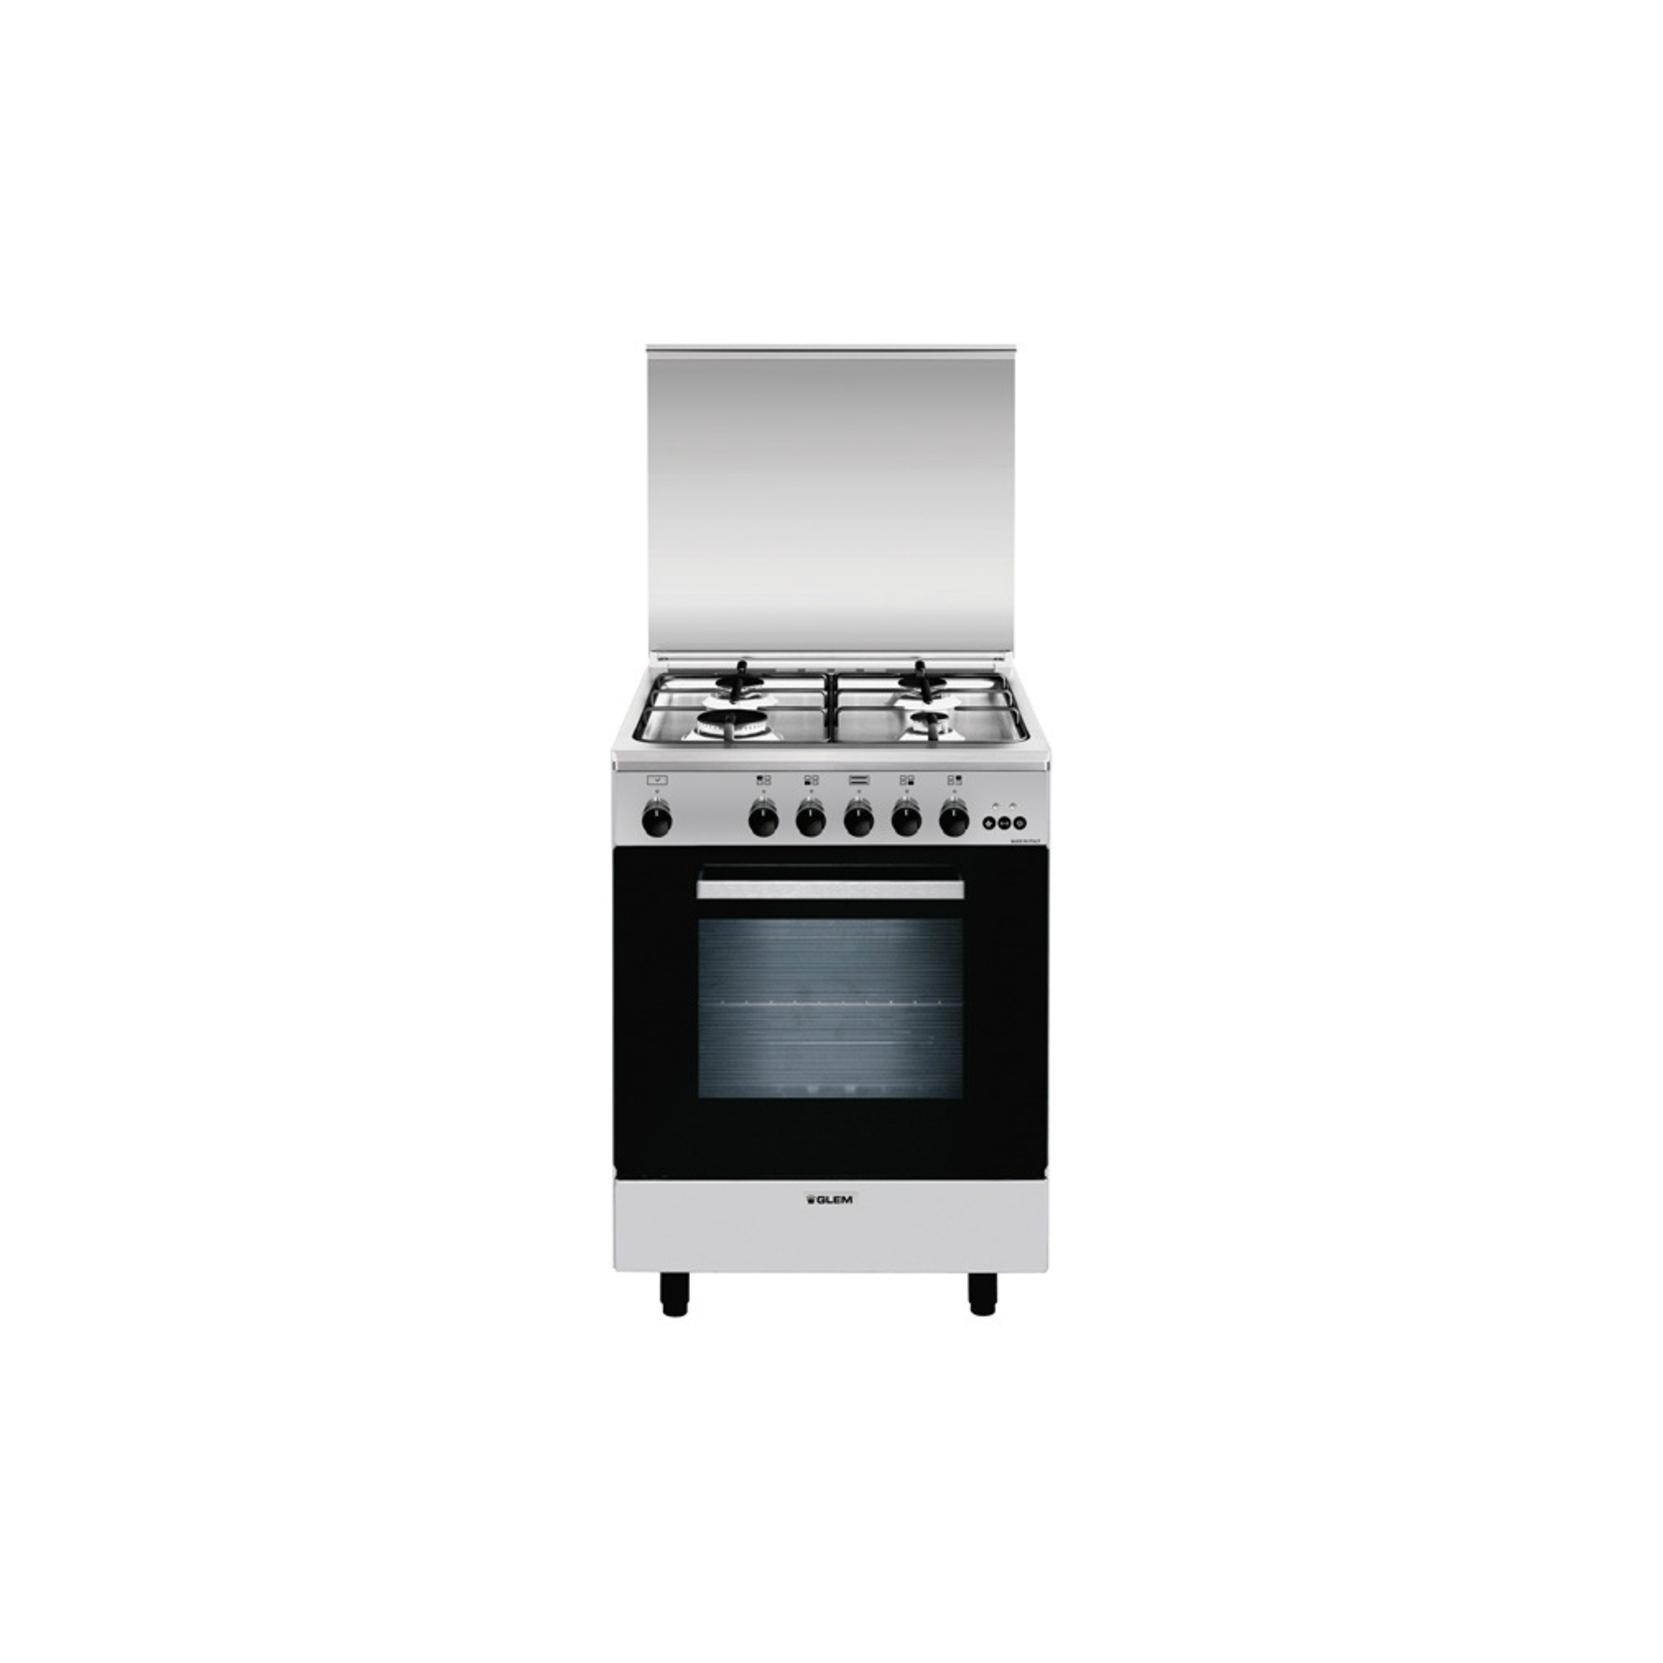 Glem gas a664vi cucina a gas 4 fuochi forno a gas ventilato con grill 60x60 cm classe a - Cucina con forno a gas ventilato ...